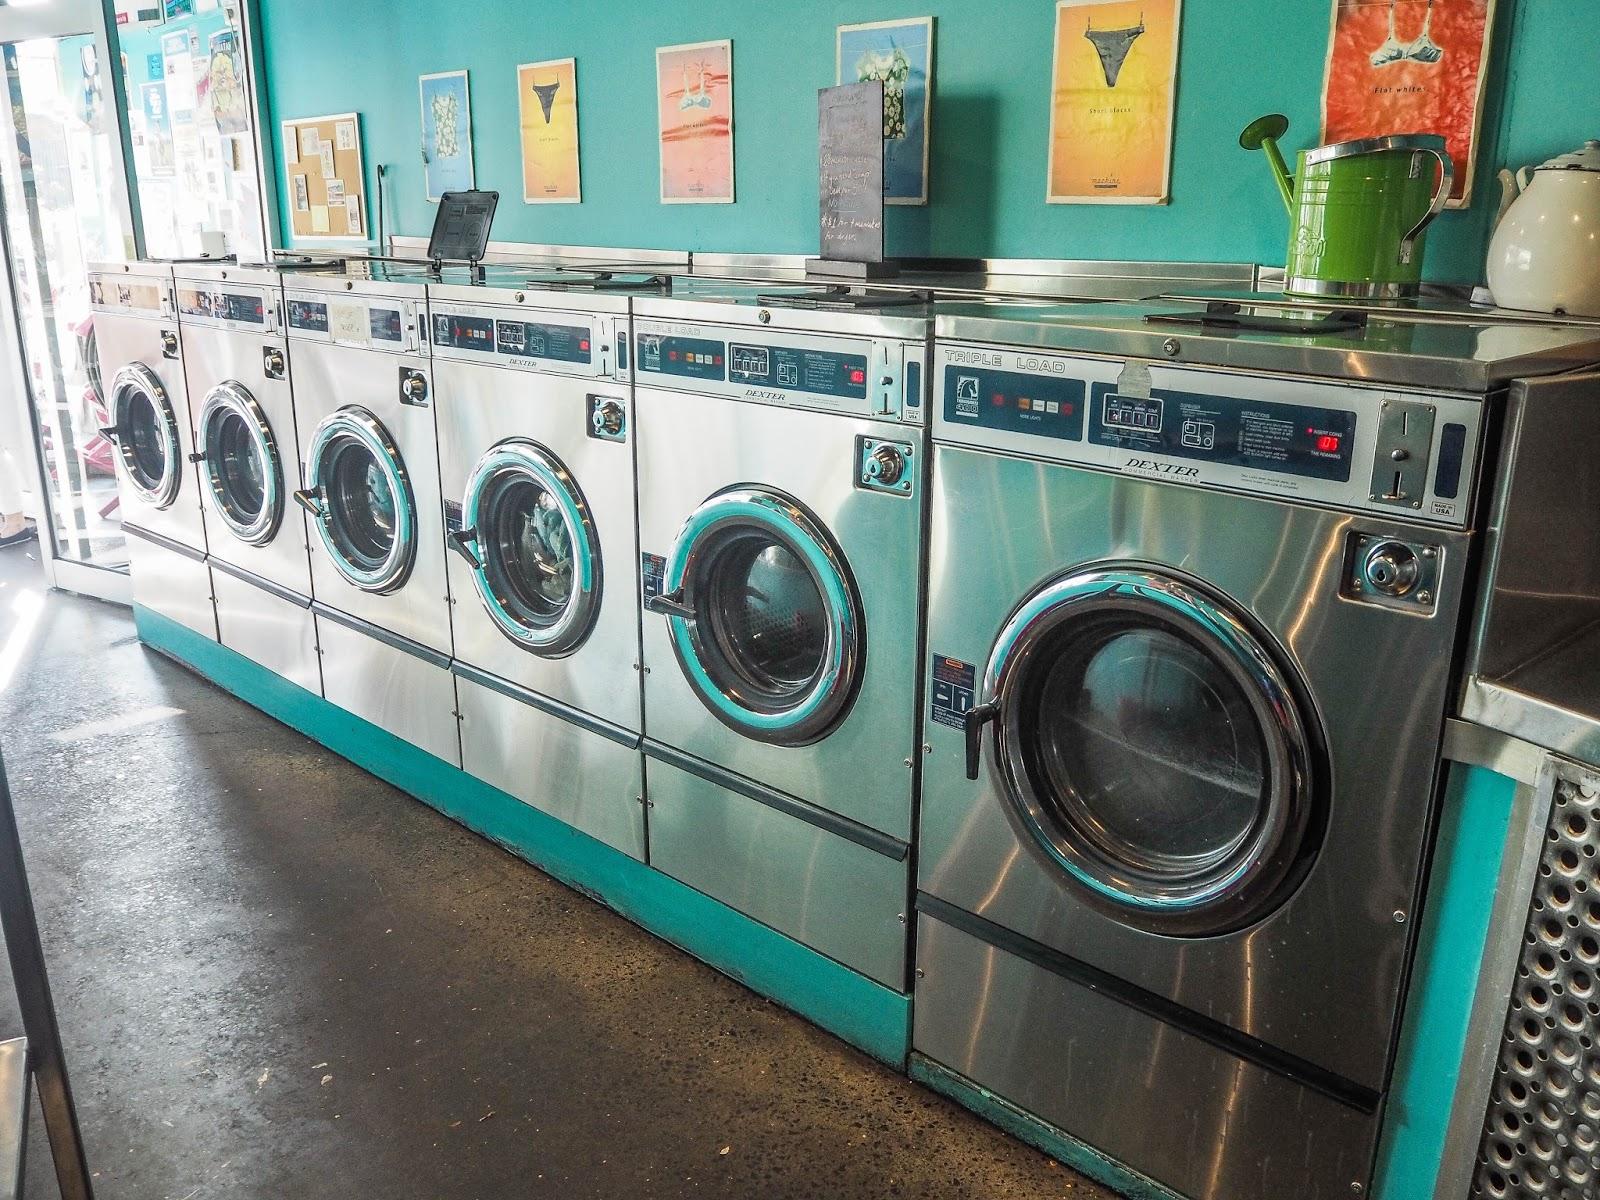 Vintage laundromat